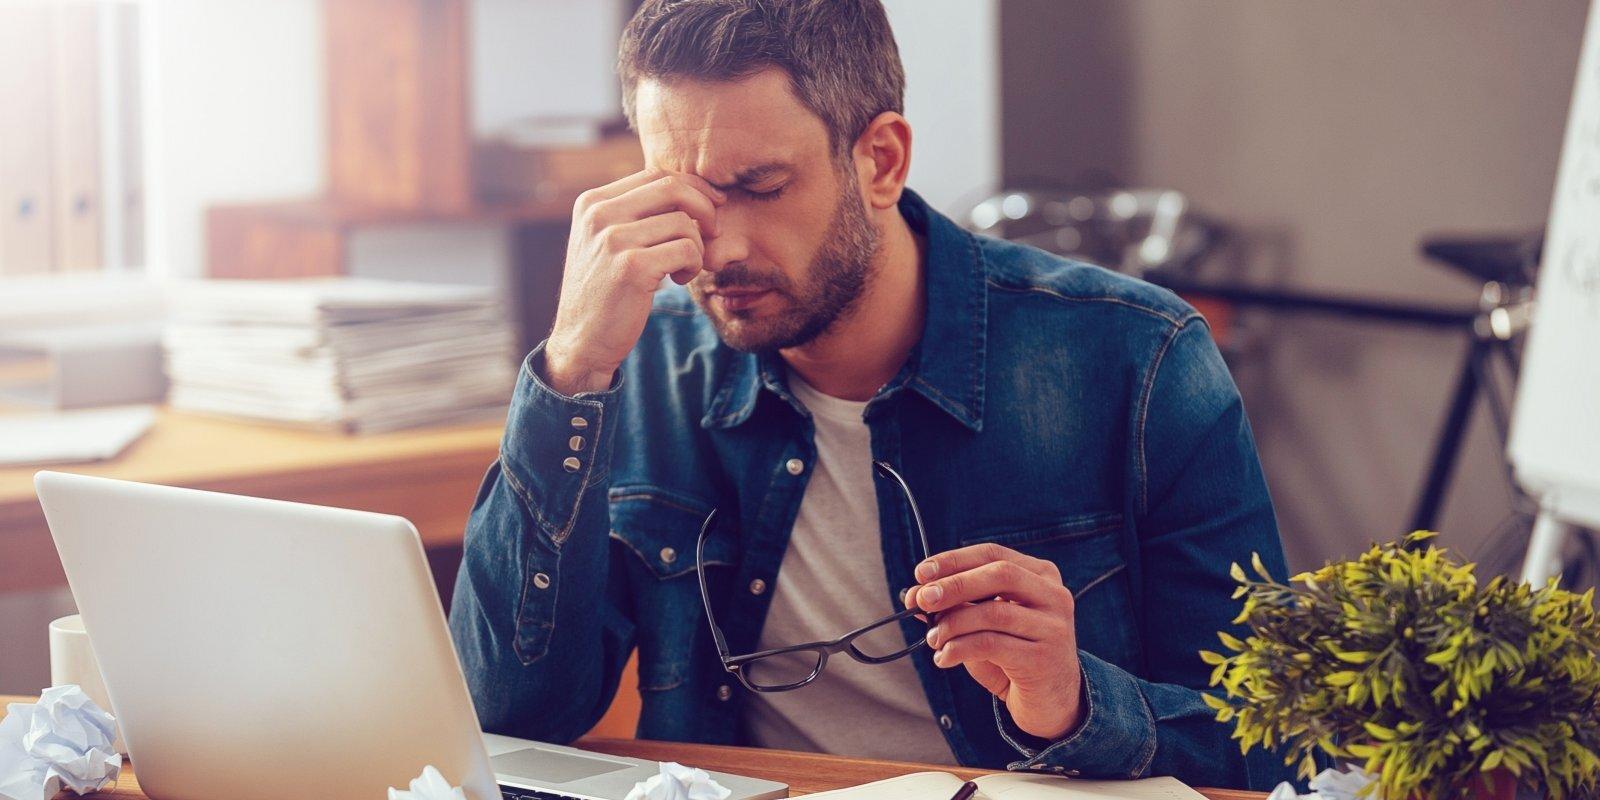 Aiziet no darba krīzes laikā. Drosme vai neprāts?